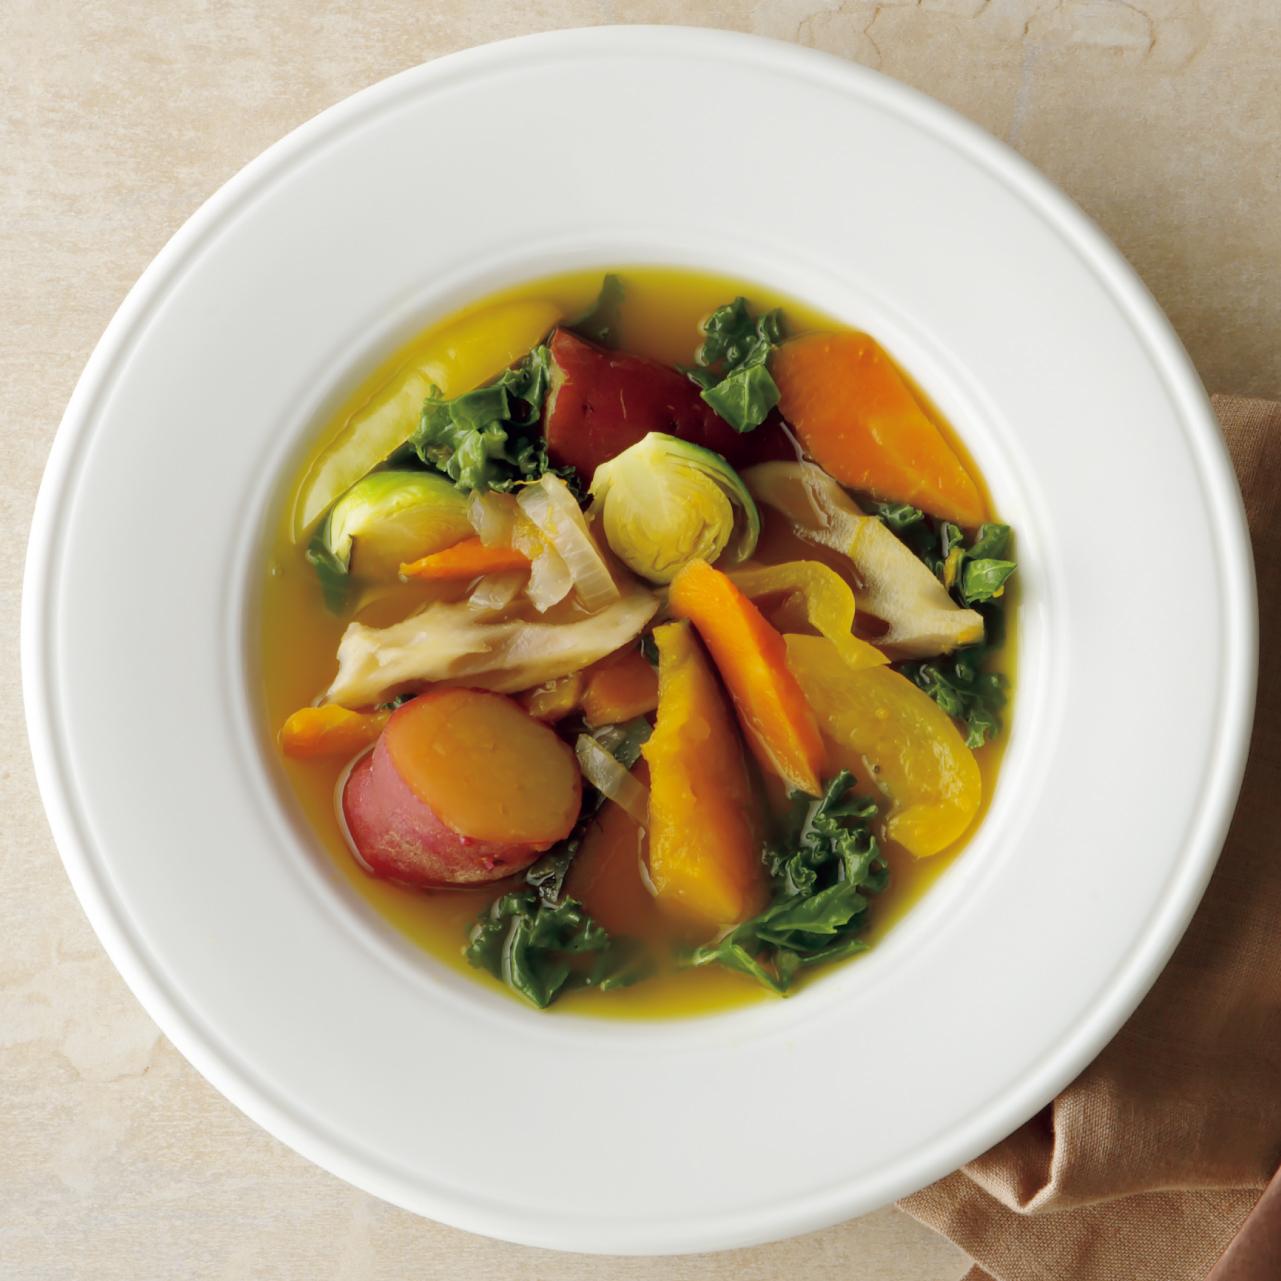 旬の野菜を使って作る病気を防ぐ野菜スープ